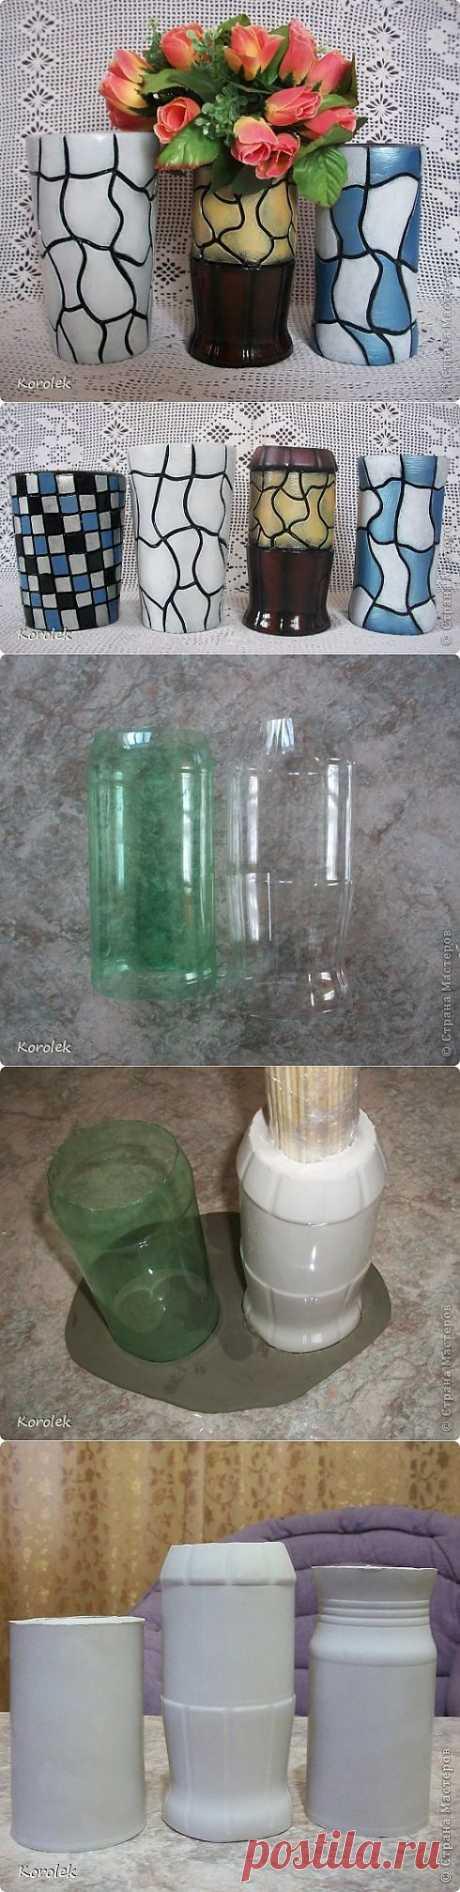 Вазочки из гипса и пластиковых бутылок | СВОИМИ РУКАМИ